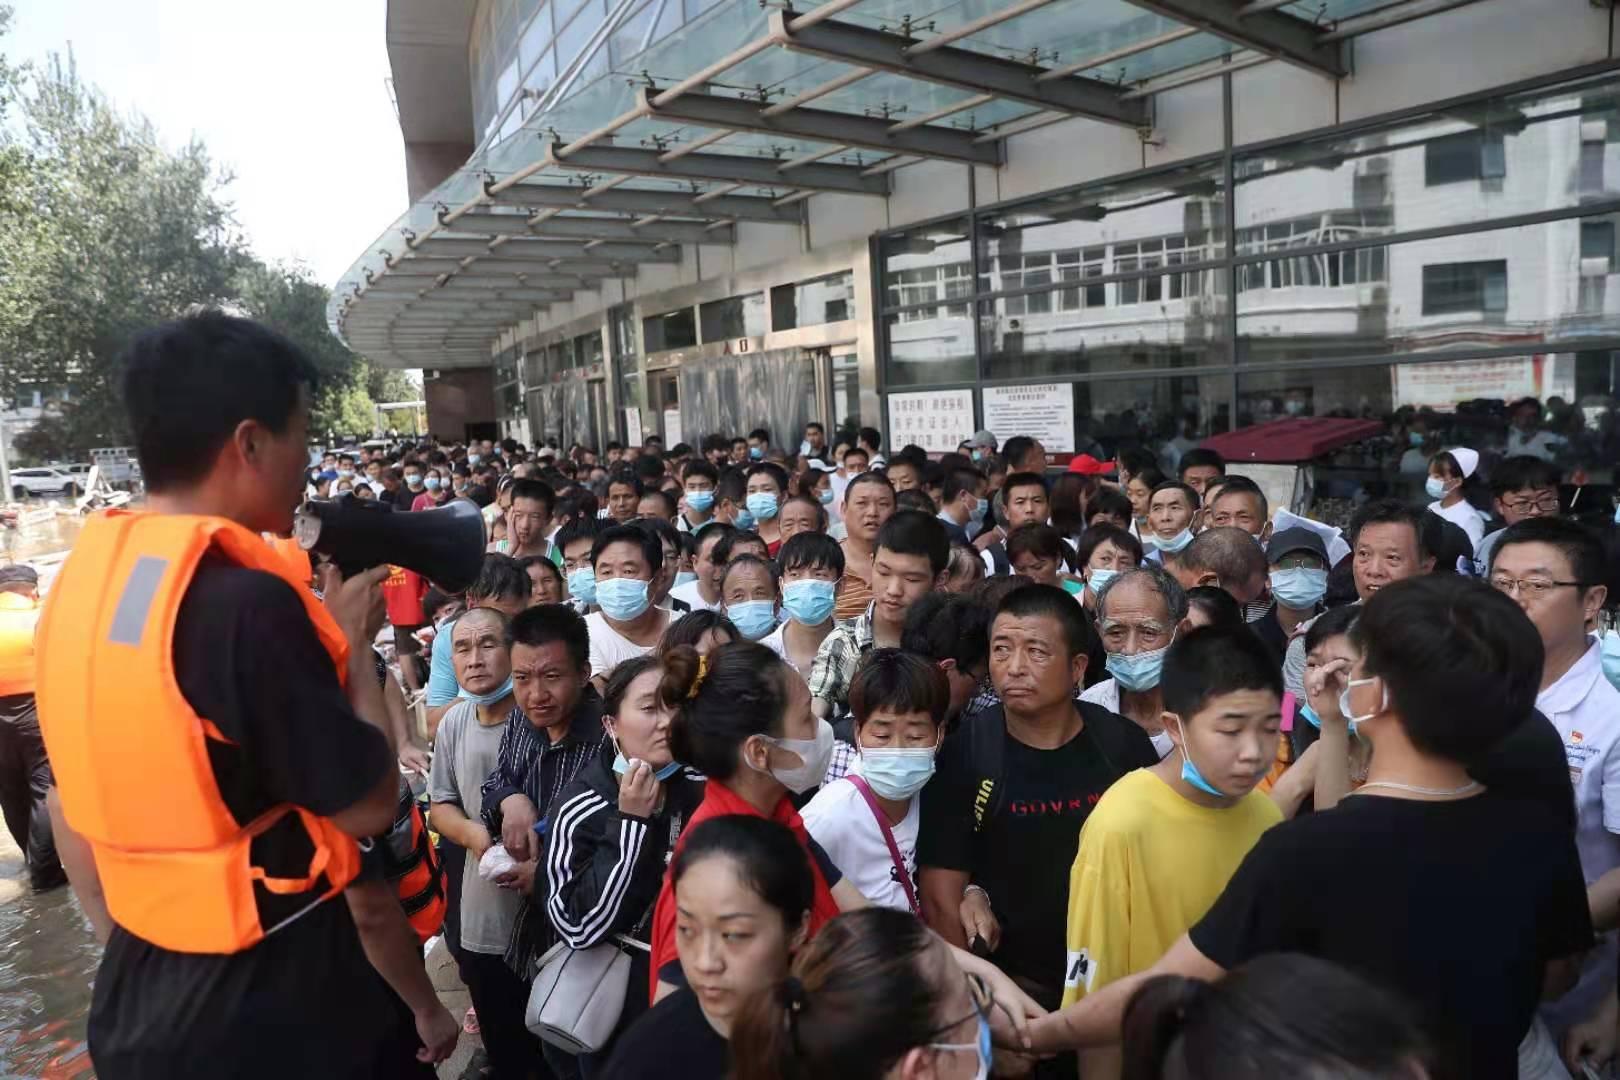 26日下午,排队等待的病人和家属。新京报记者 王飞 摄